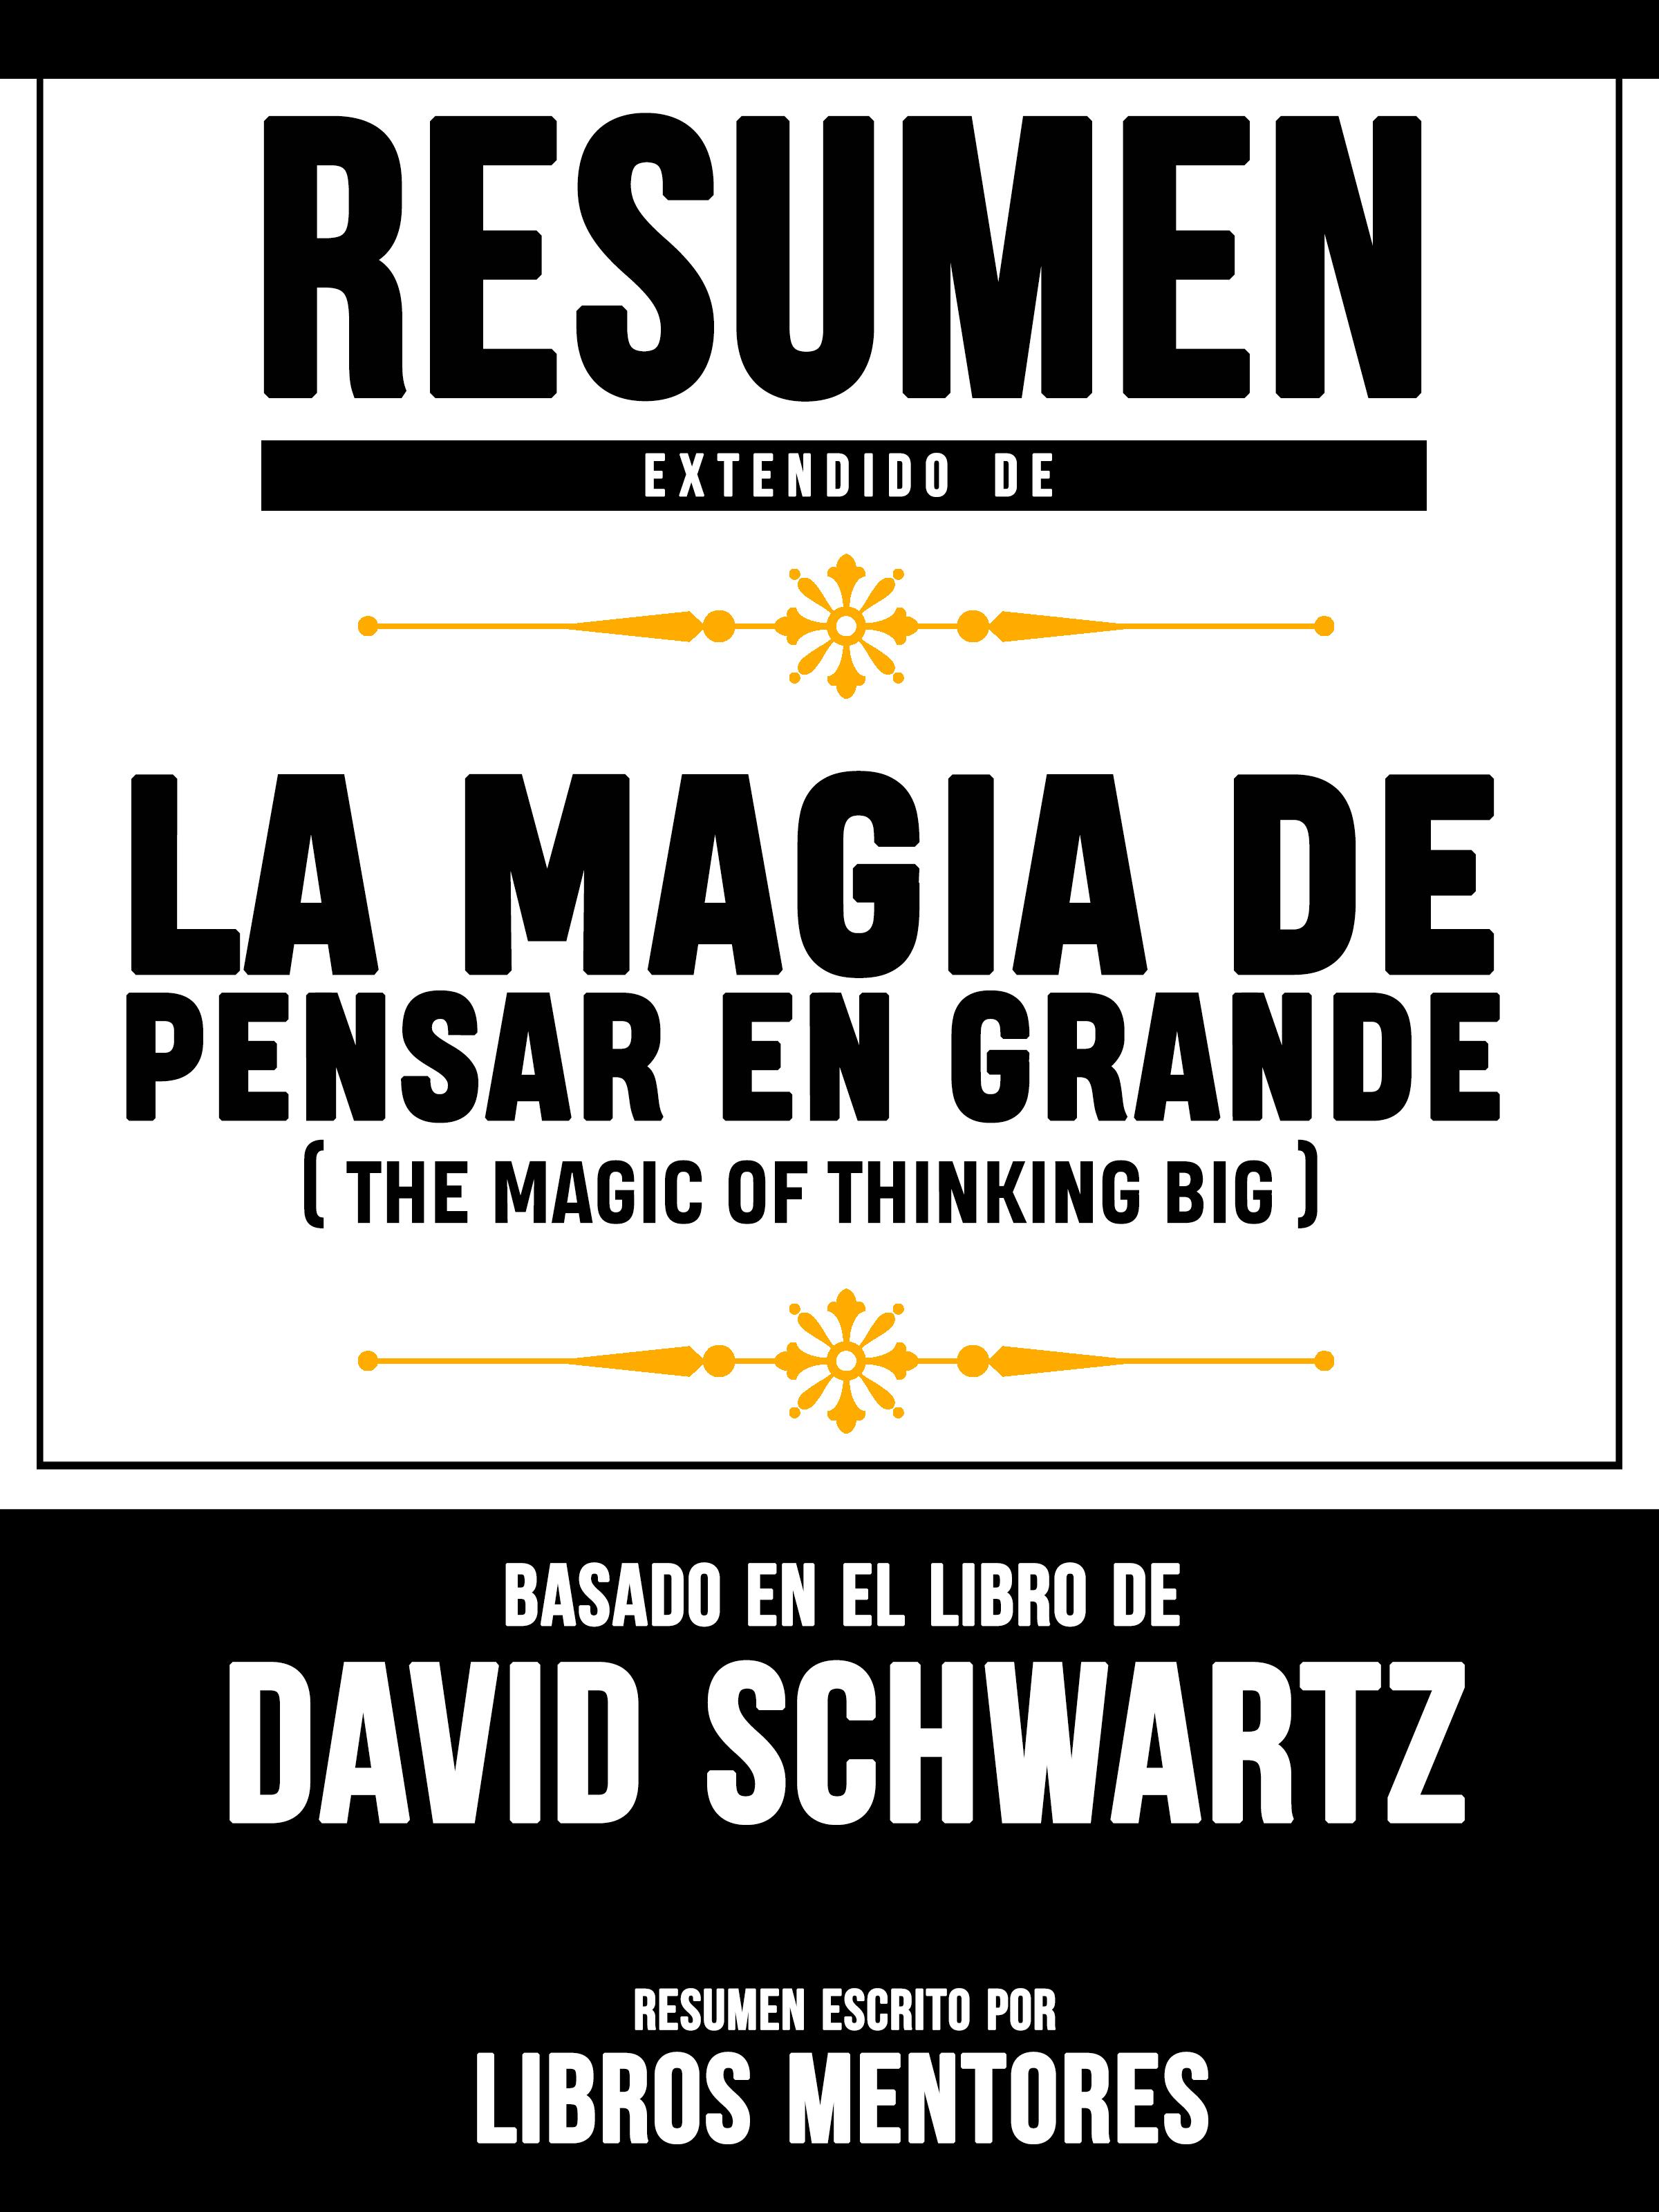 Libros Mentores Resumen Extendido De La Magia De Pensar En Grande (The Magic Of Thinking Big) - Basado En El Libro Del David Schwartz david cox creative thinking for dummies